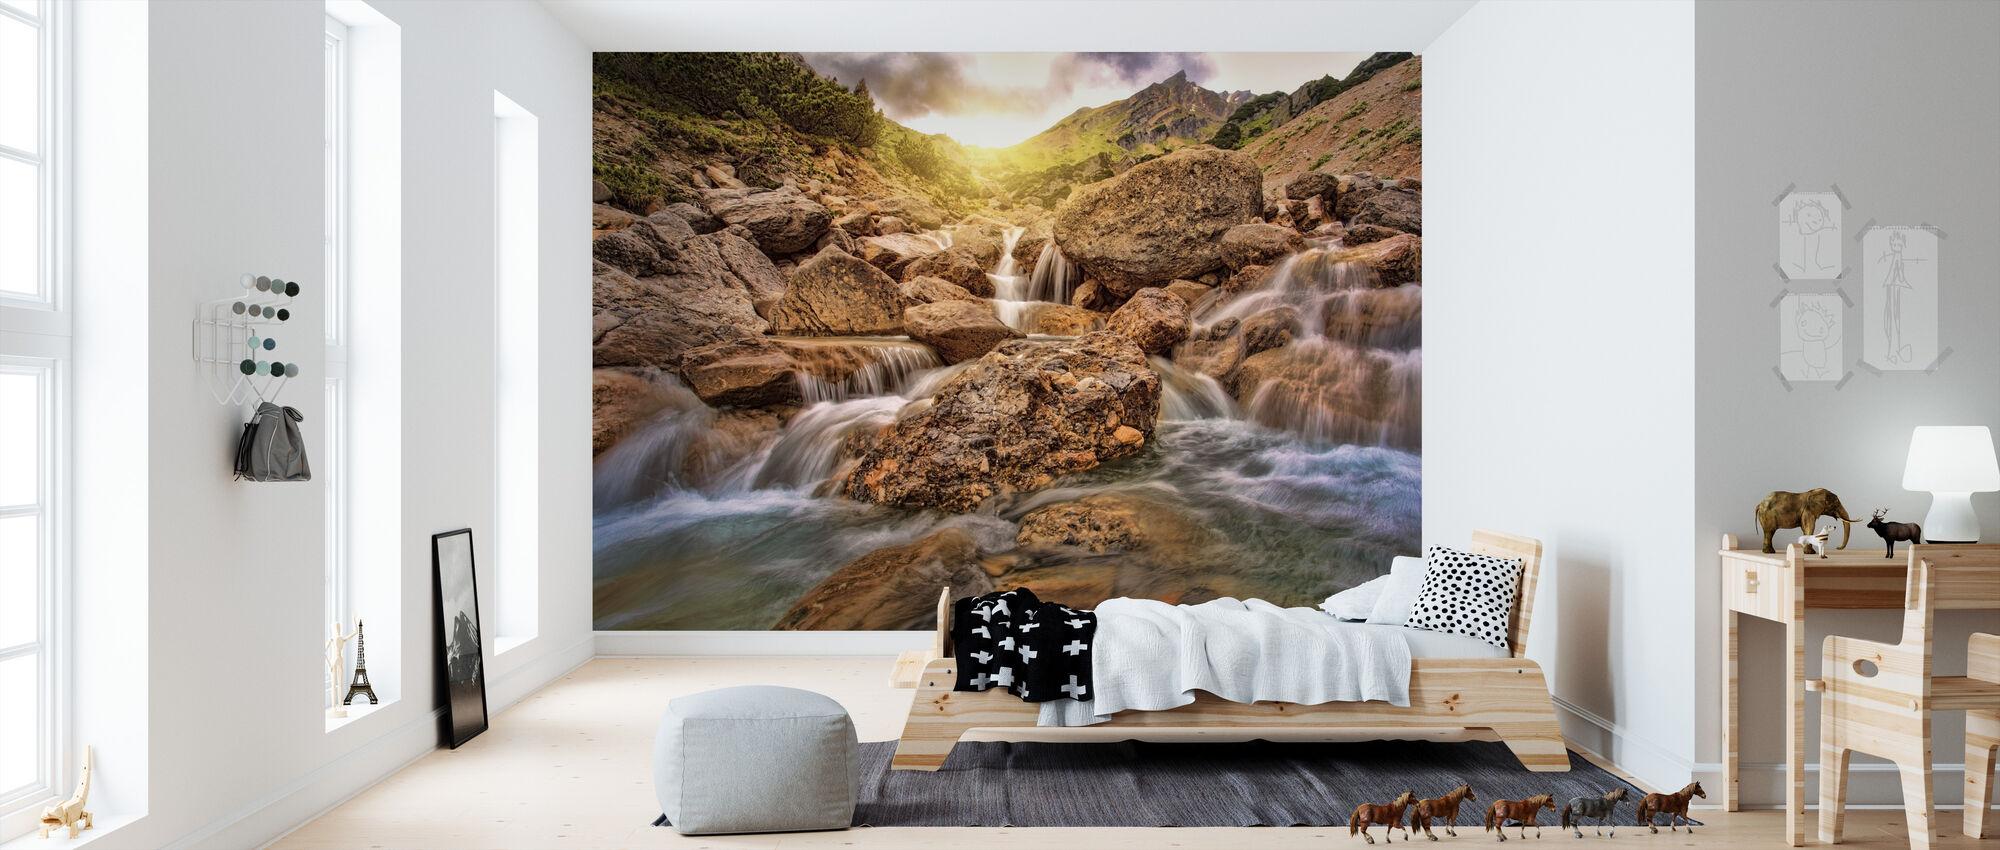 River Sunset - Wallpaper - Kids Room